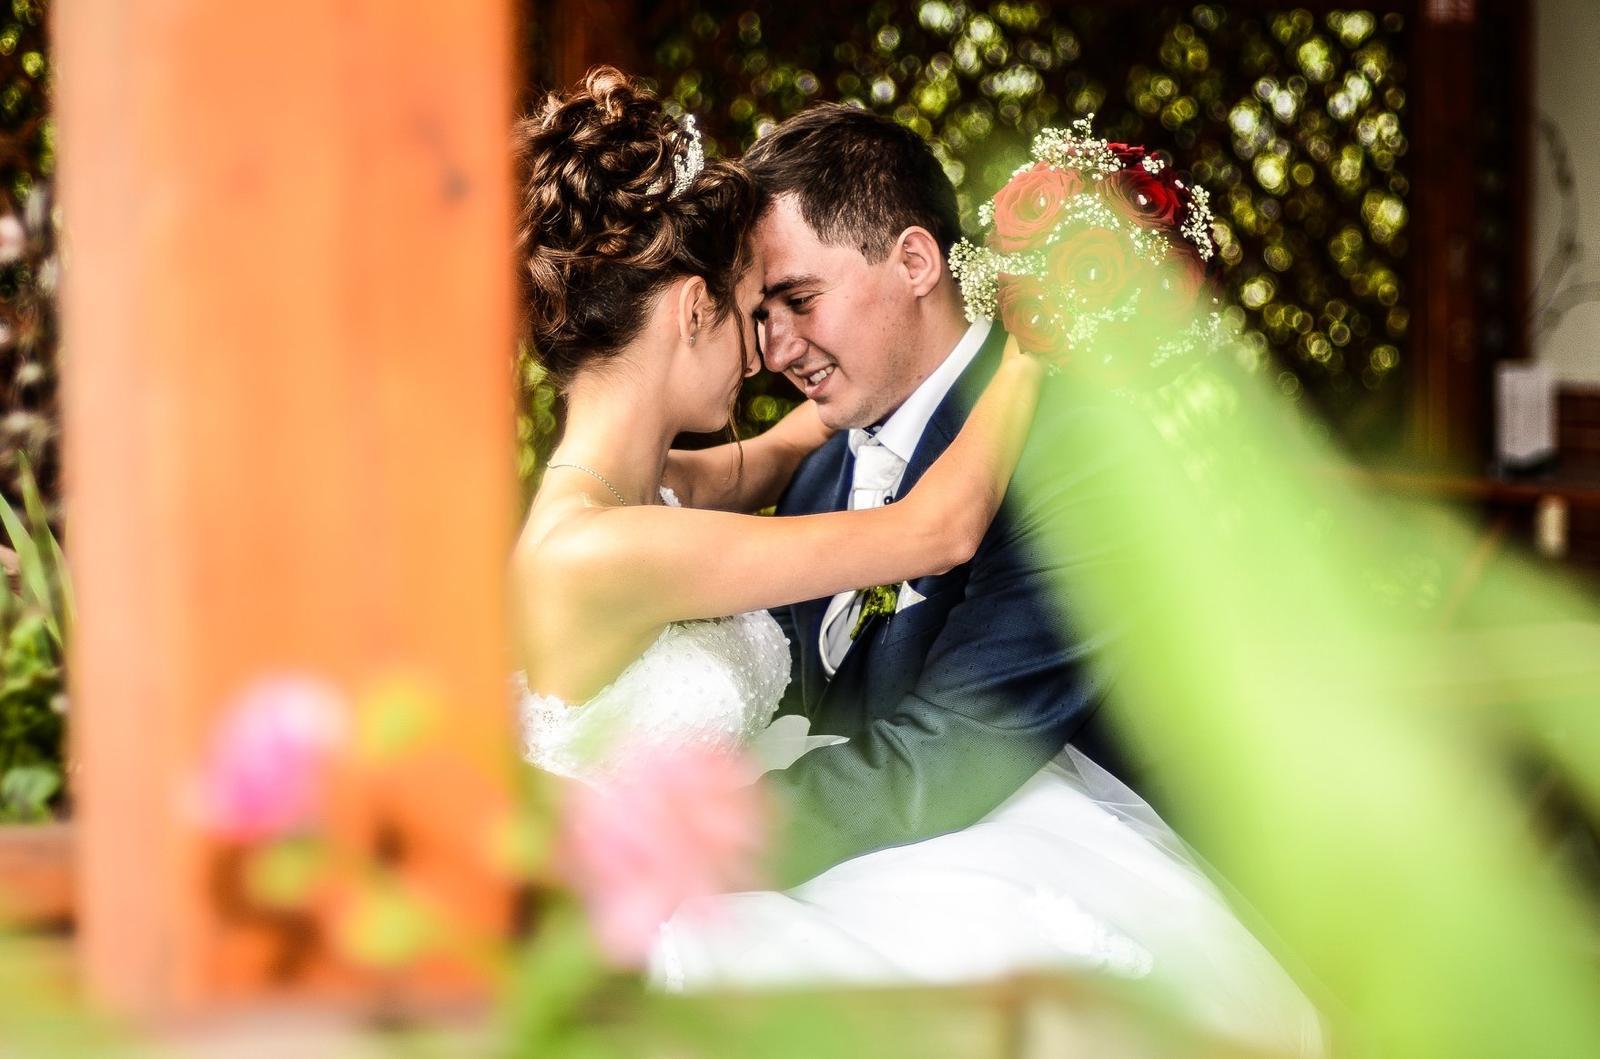 Cena za celodenní svatební focení 8000kč 😊 - Obrázek č. 3